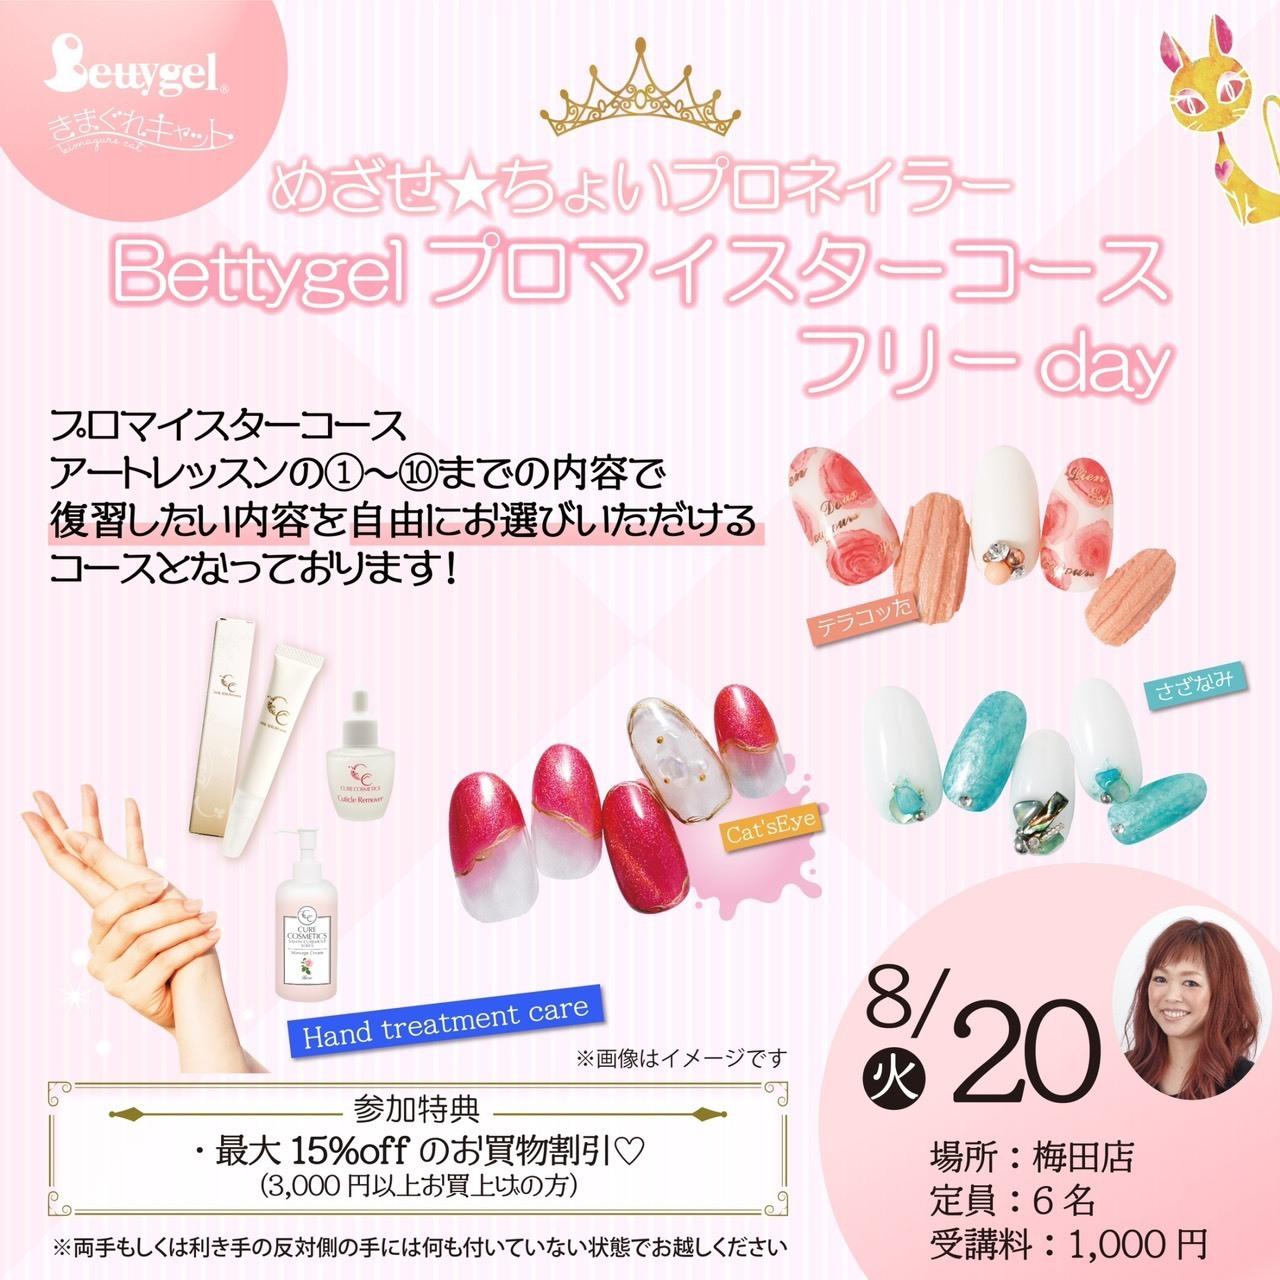 【大阪梅田】Bettygelプロマイスターコース フリーレッスンday